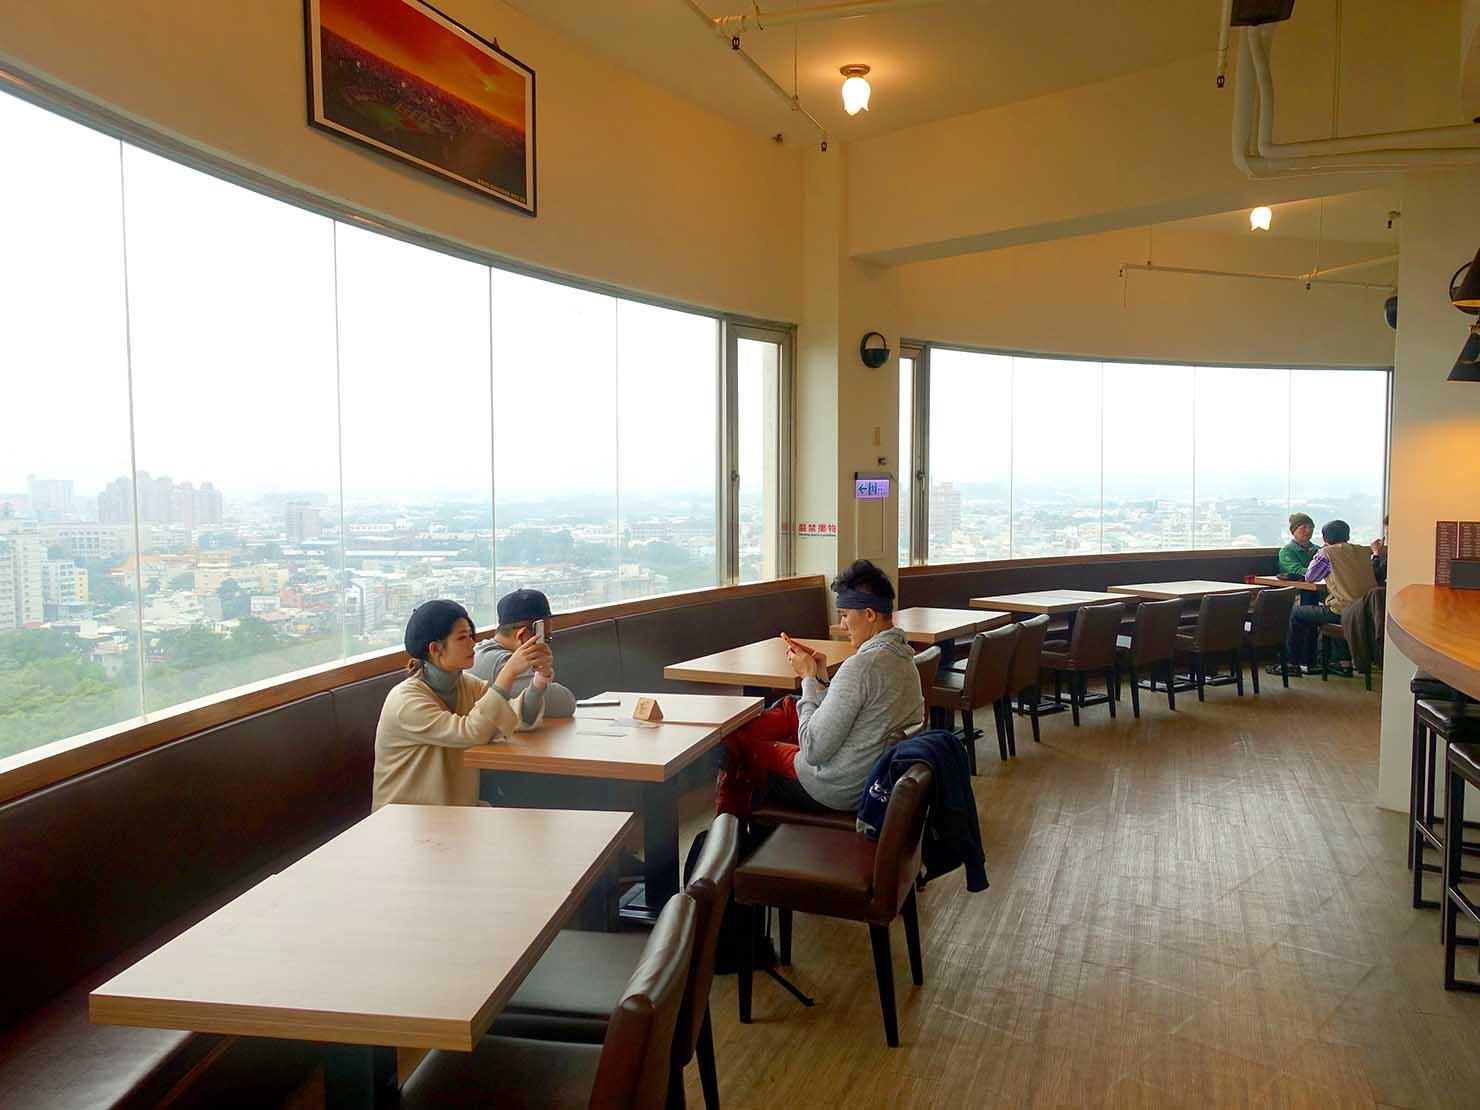 嘉義のおすすめ観光スポット「射日塔」のカフェ